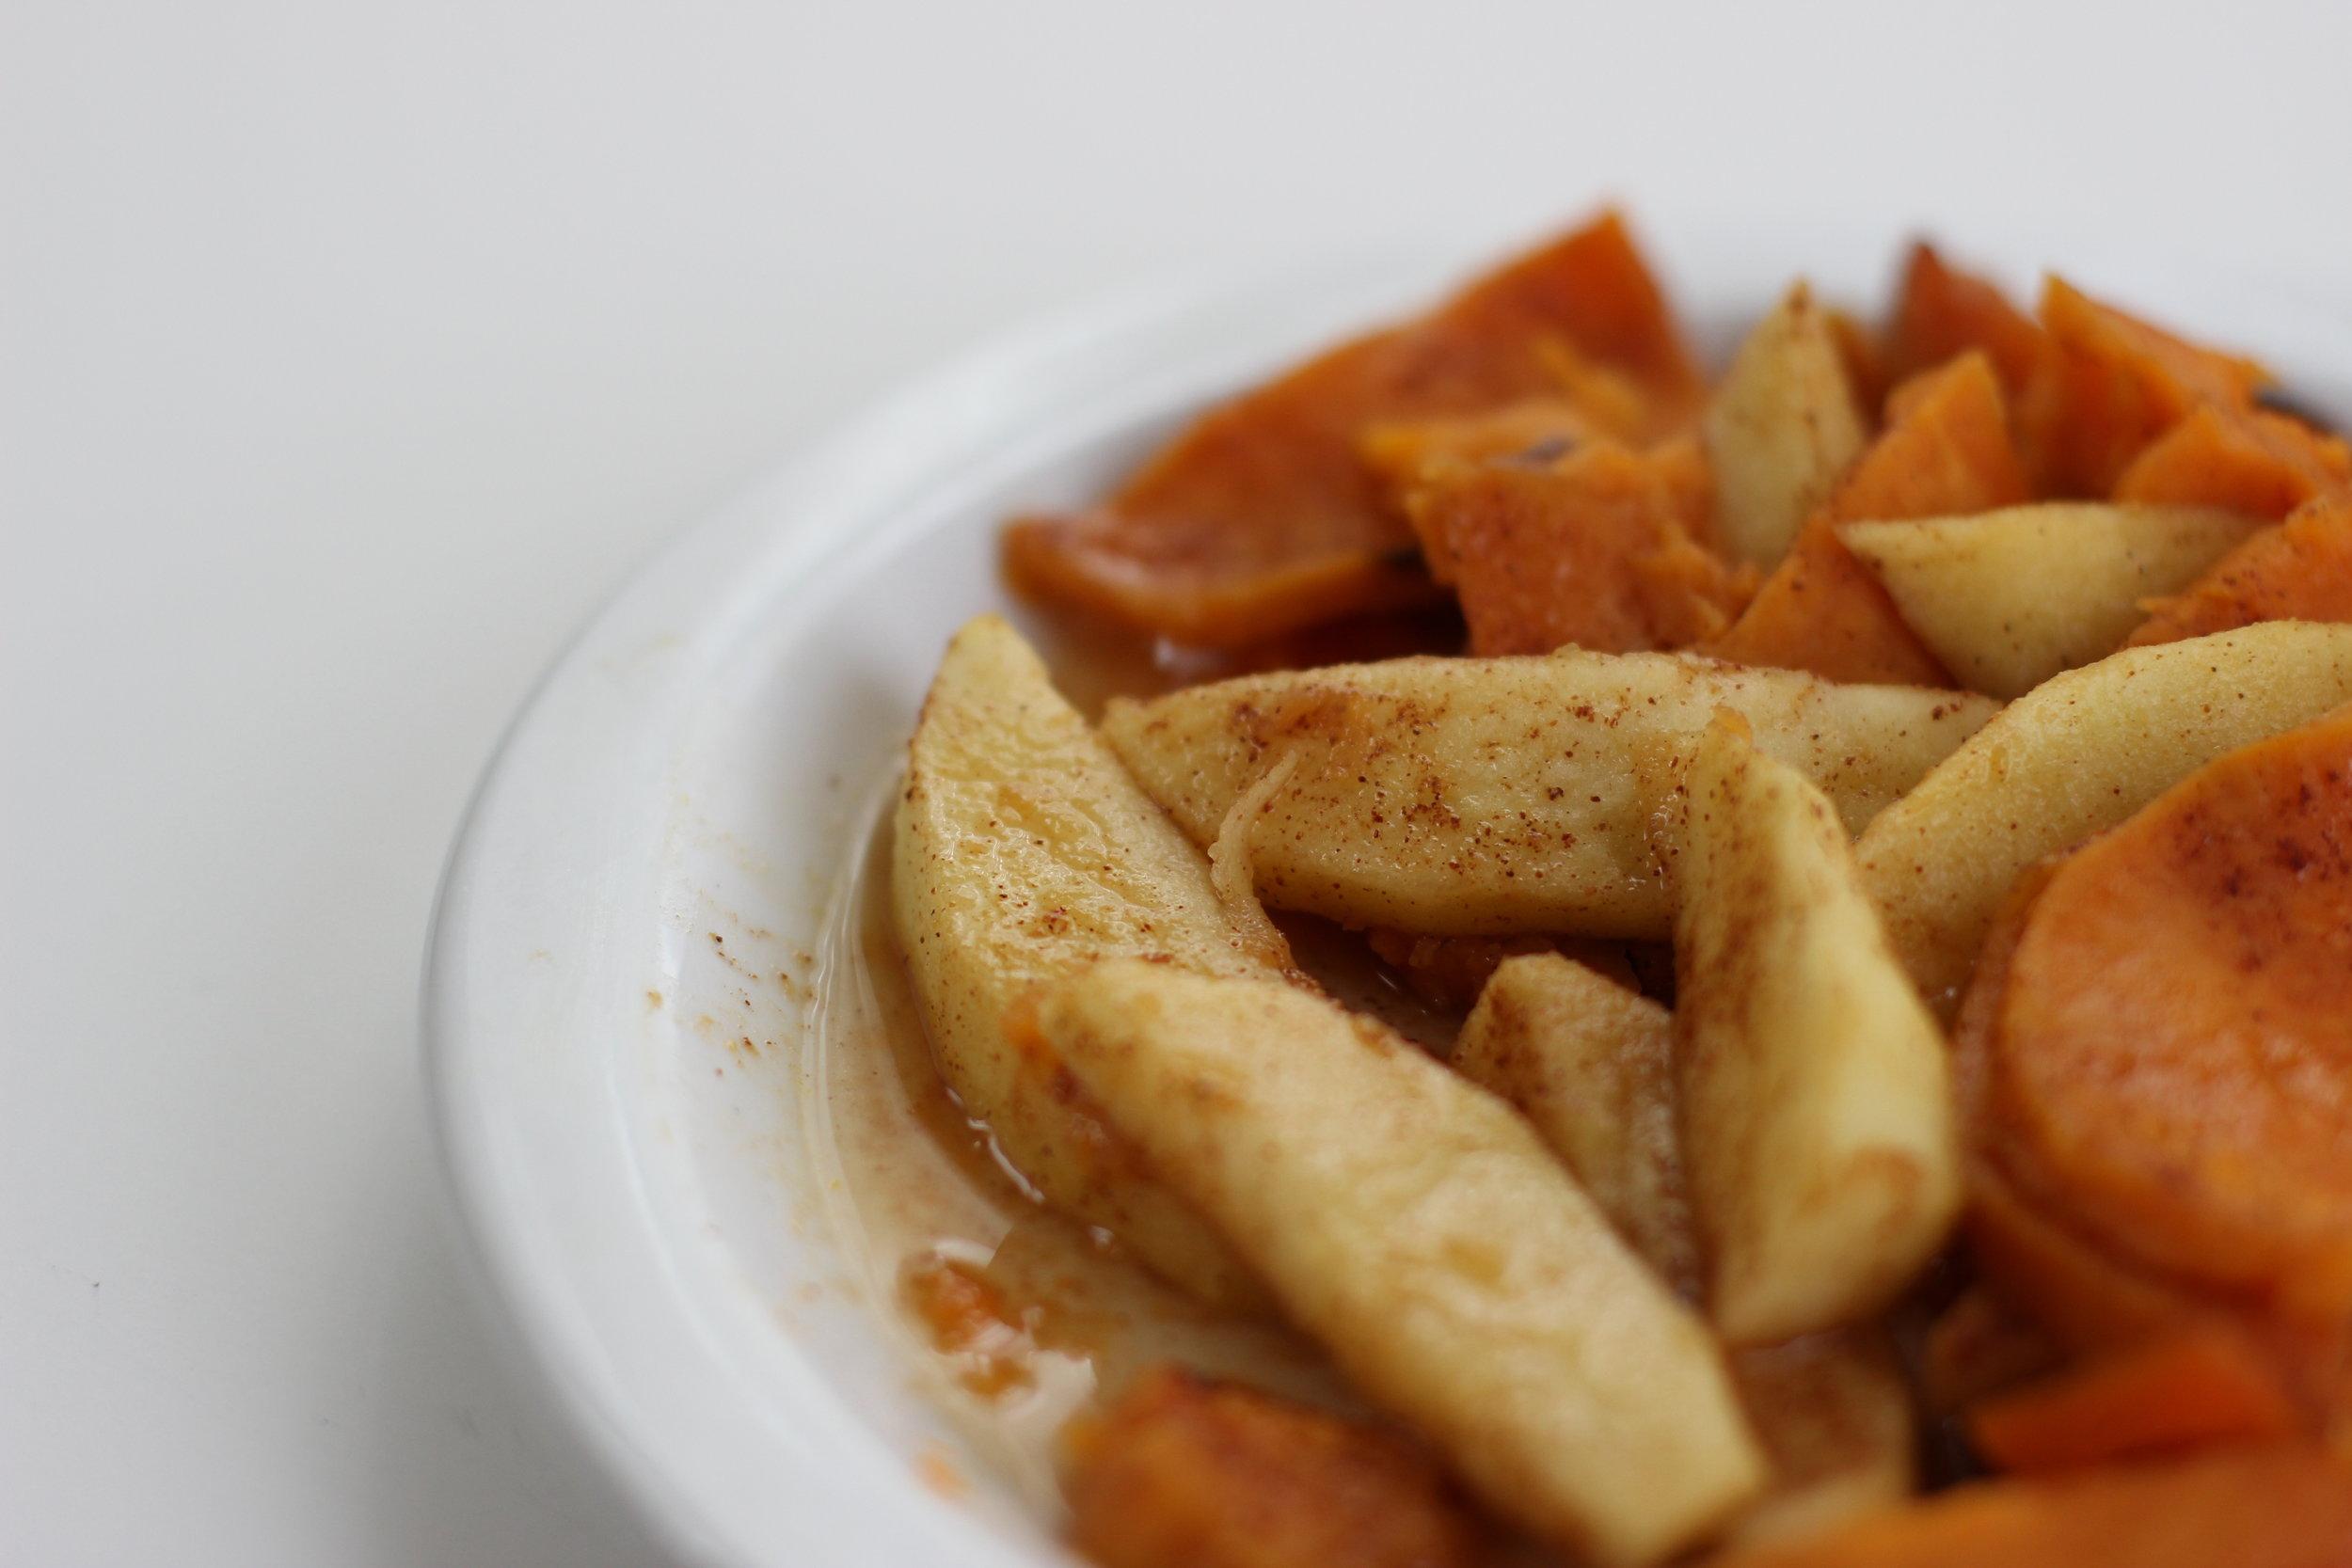 sweet-potatoes-apples.JPG